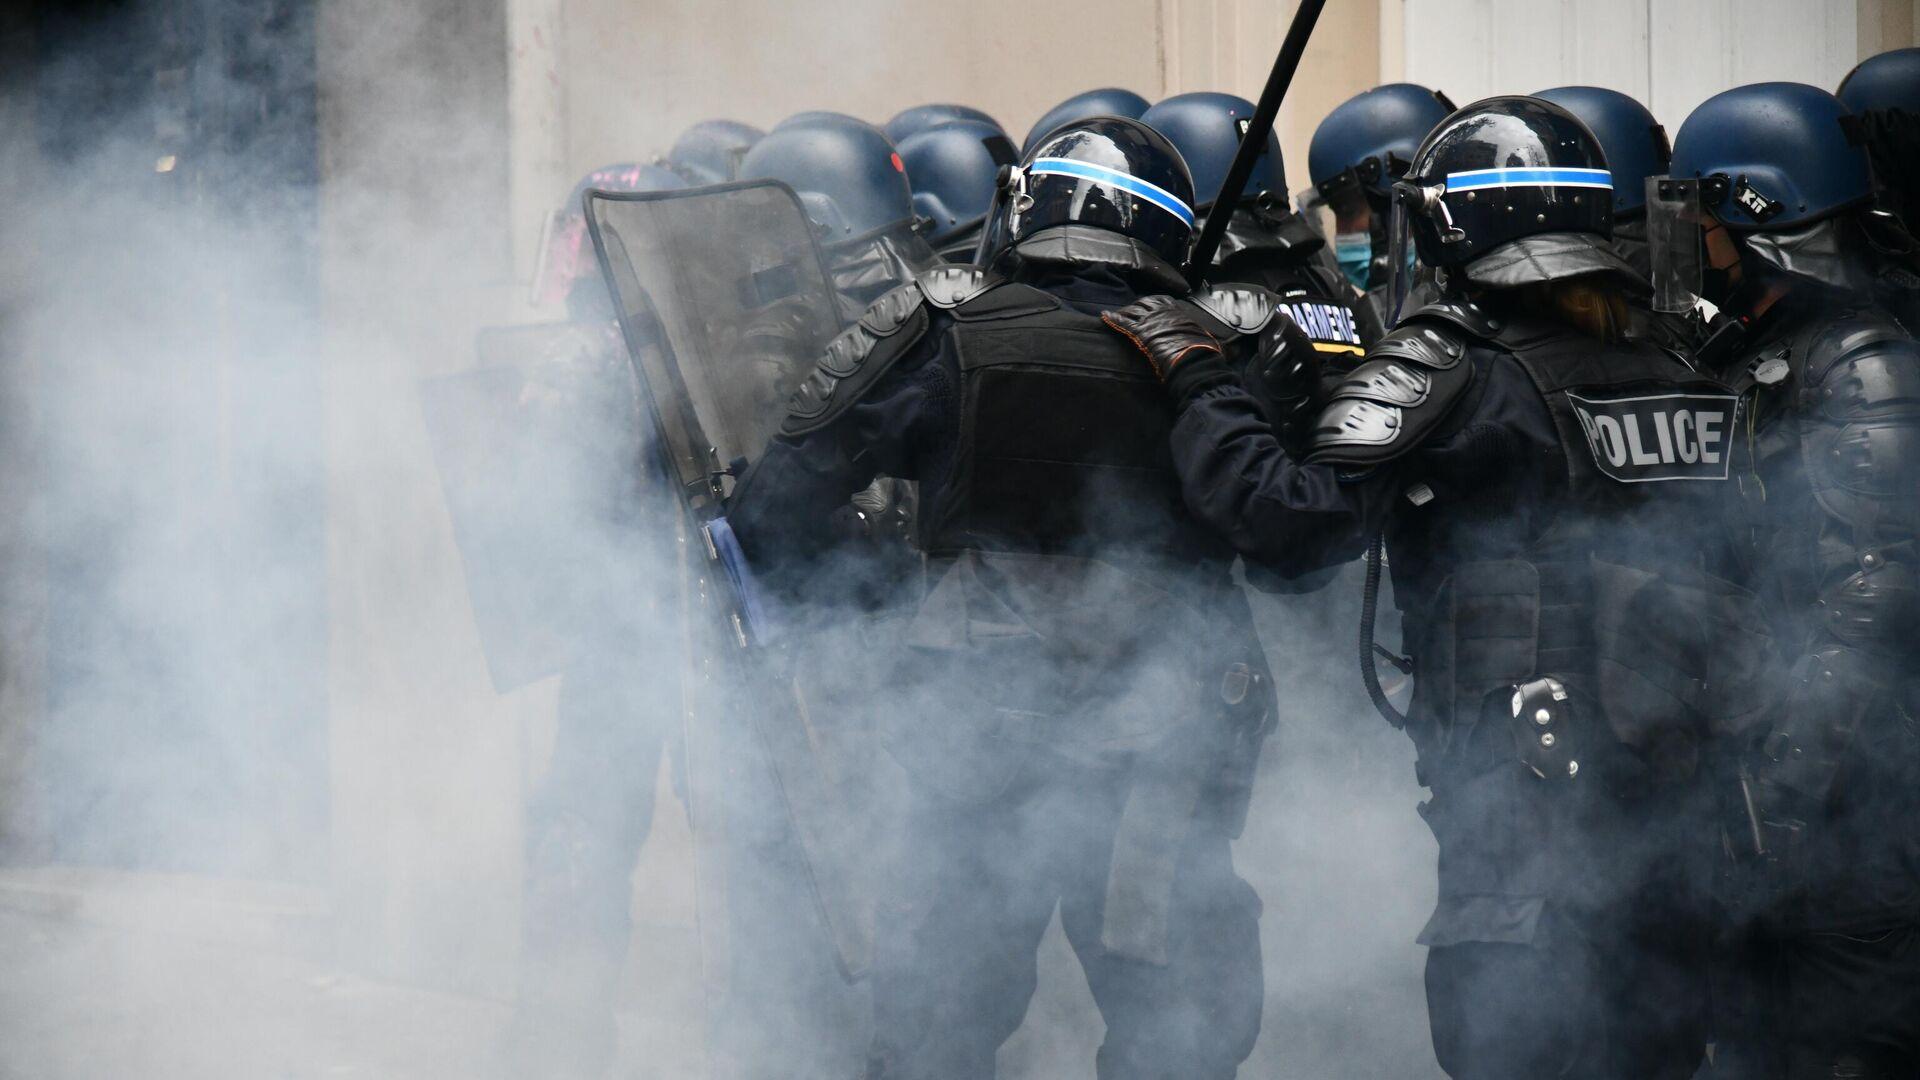 Сотрудники правоохранительных органов во время акции протеста против законопроекта О глобальной безопасности в Париже - РИА Новости, 1920, 05.12.2020